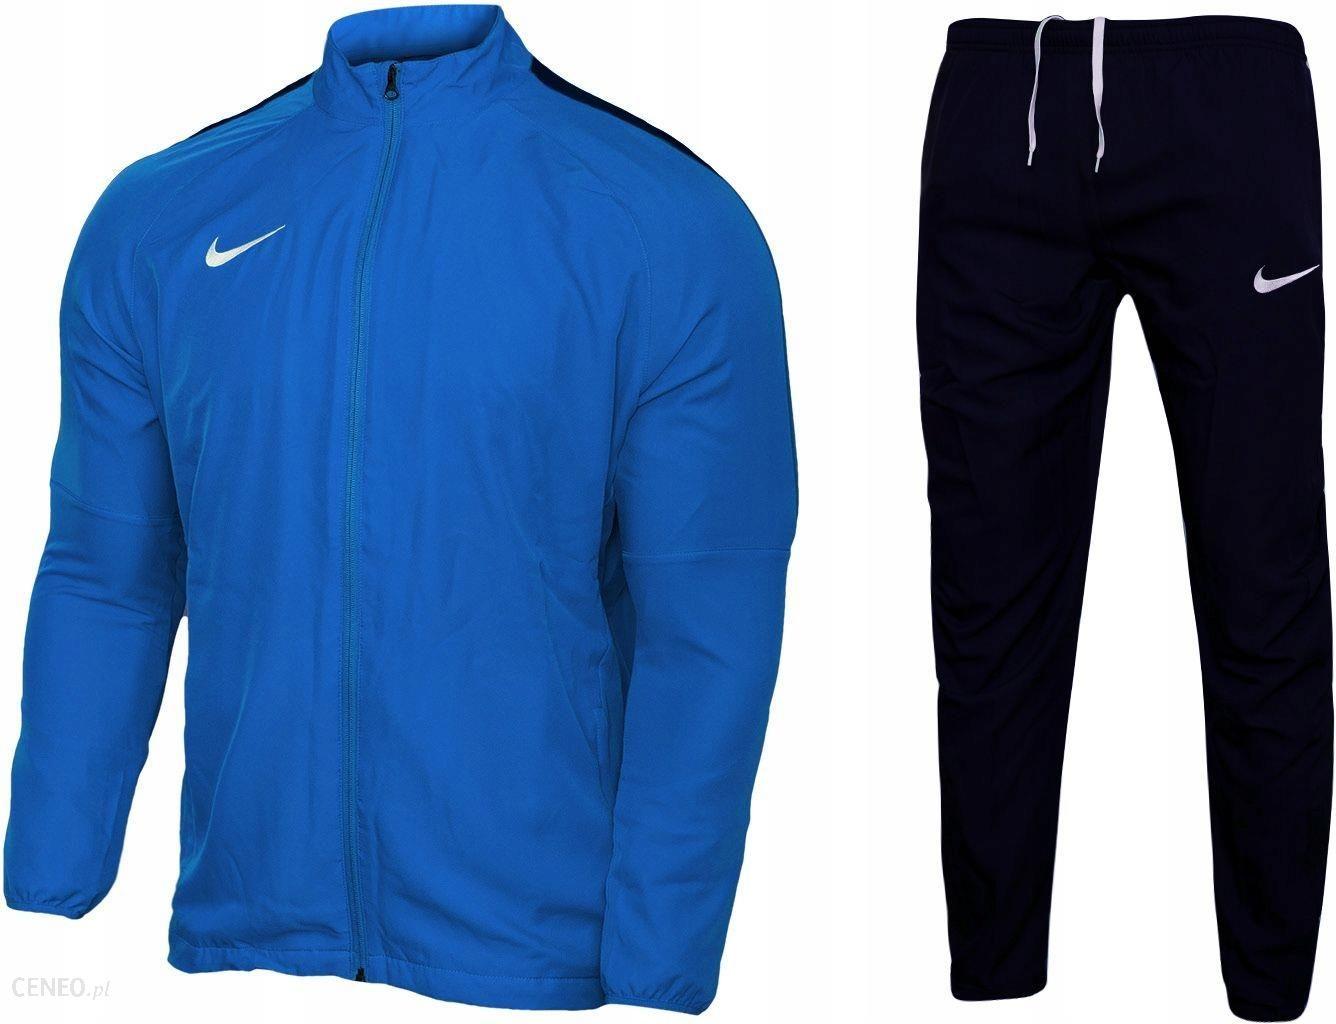 Dres kompletny Nike meski spodnie bluza Academy 16 808757 451